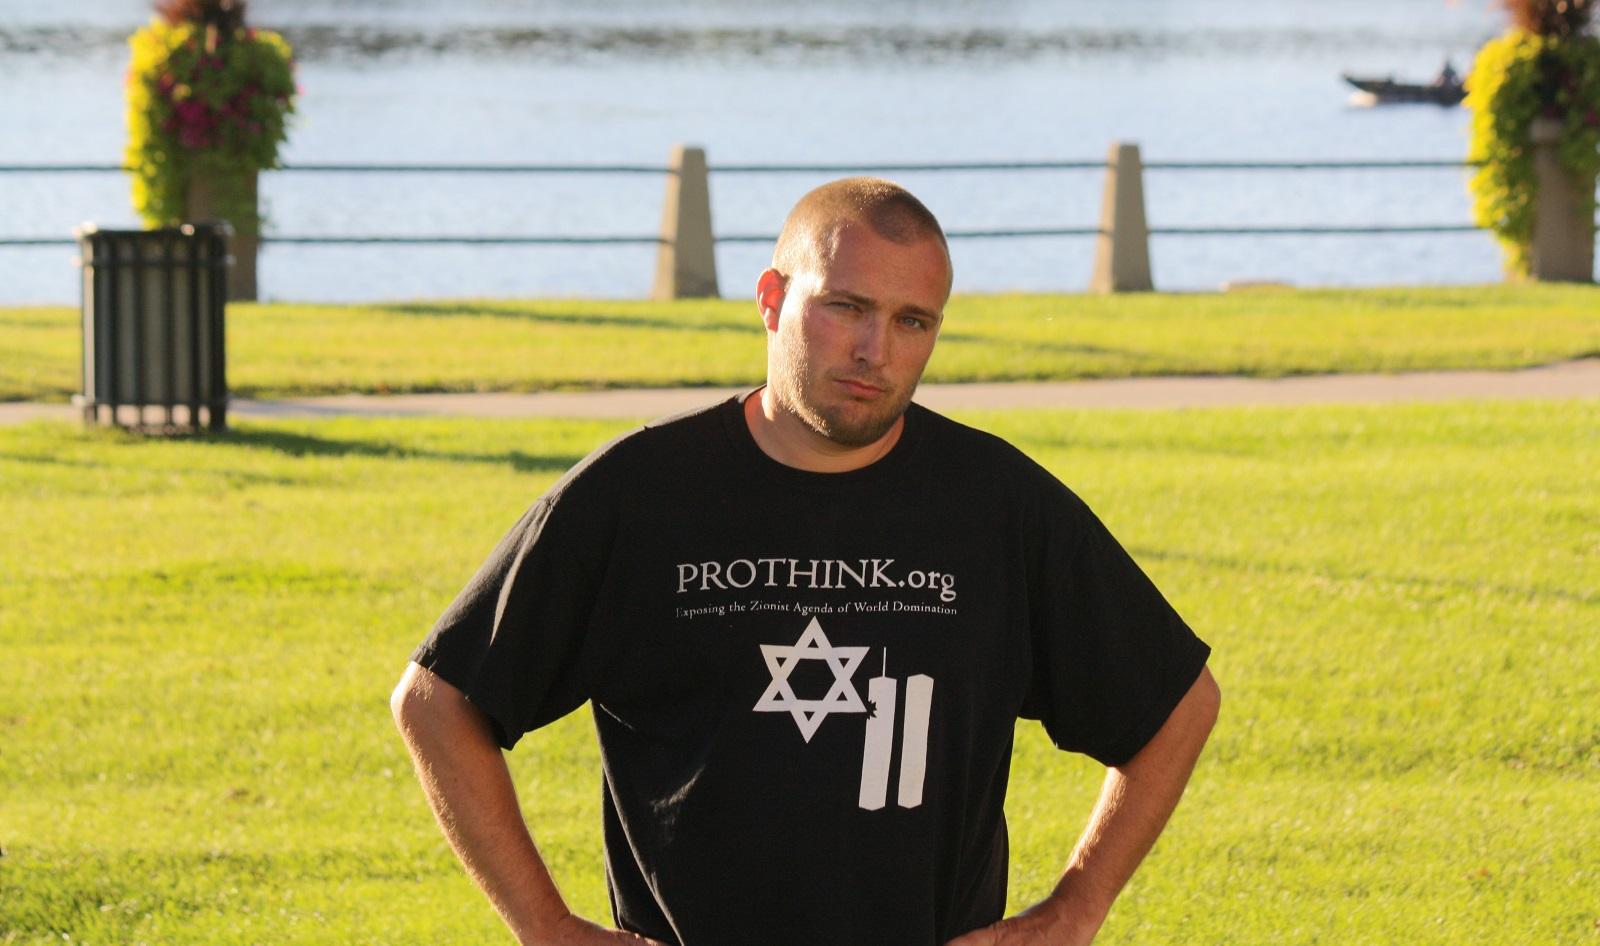 Mike Delaney's Prothink.org